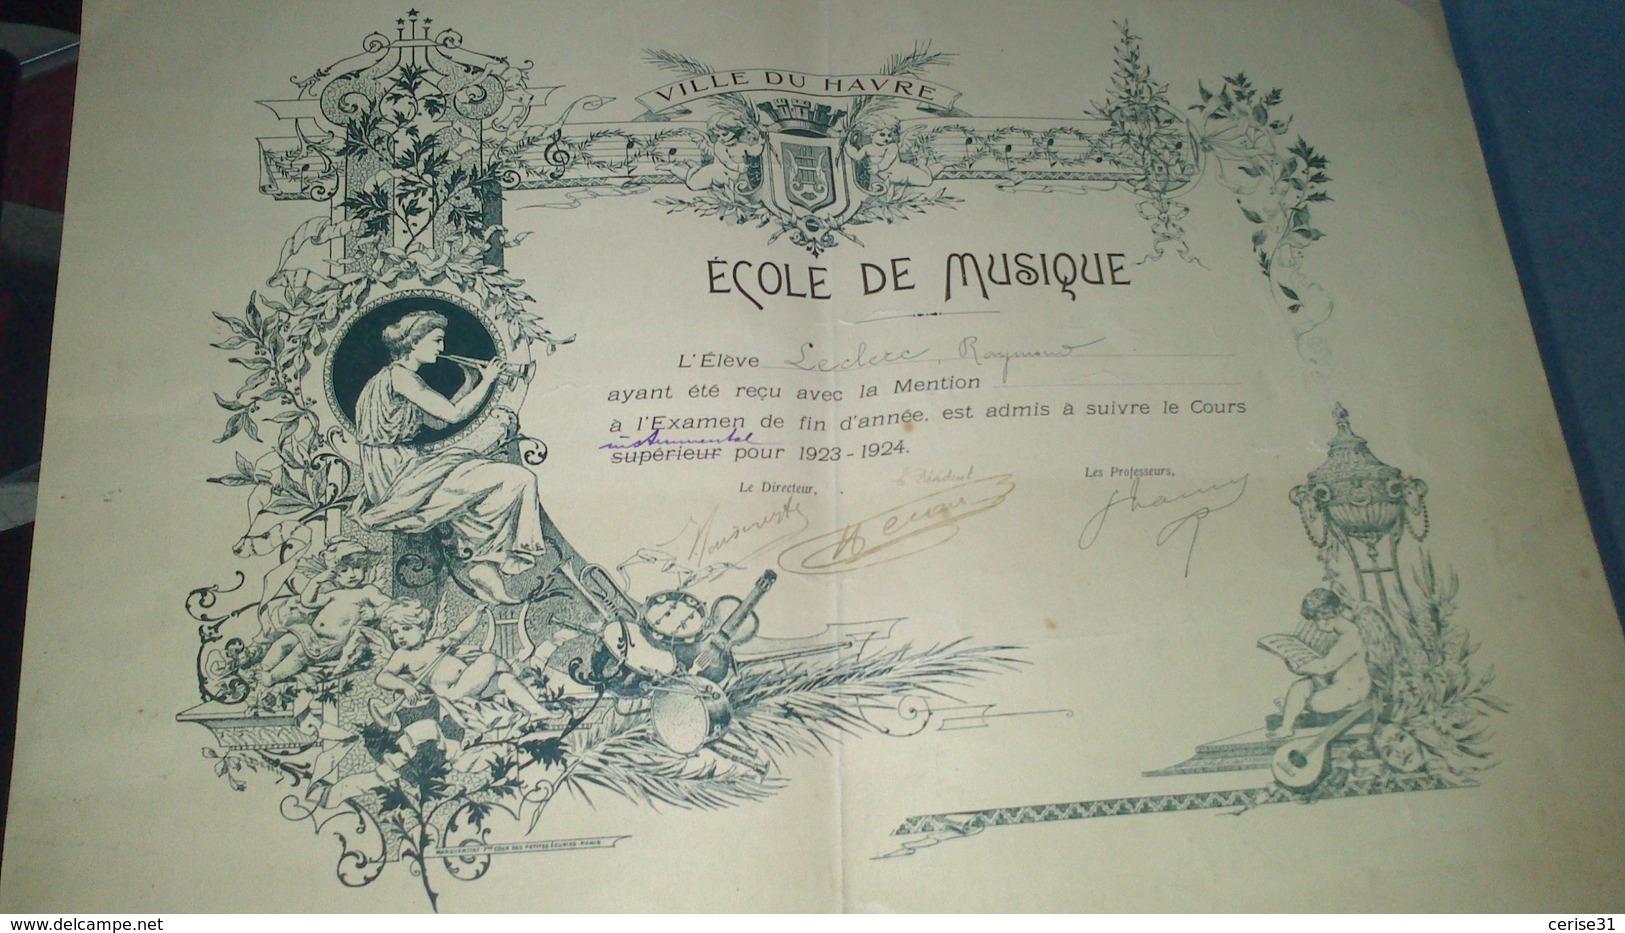 Diplôme -  VILLE DU HAVRE - ECOLE DE MUSIQUE  De Leclerc Raymond Au Havre - Diploma & School Reports